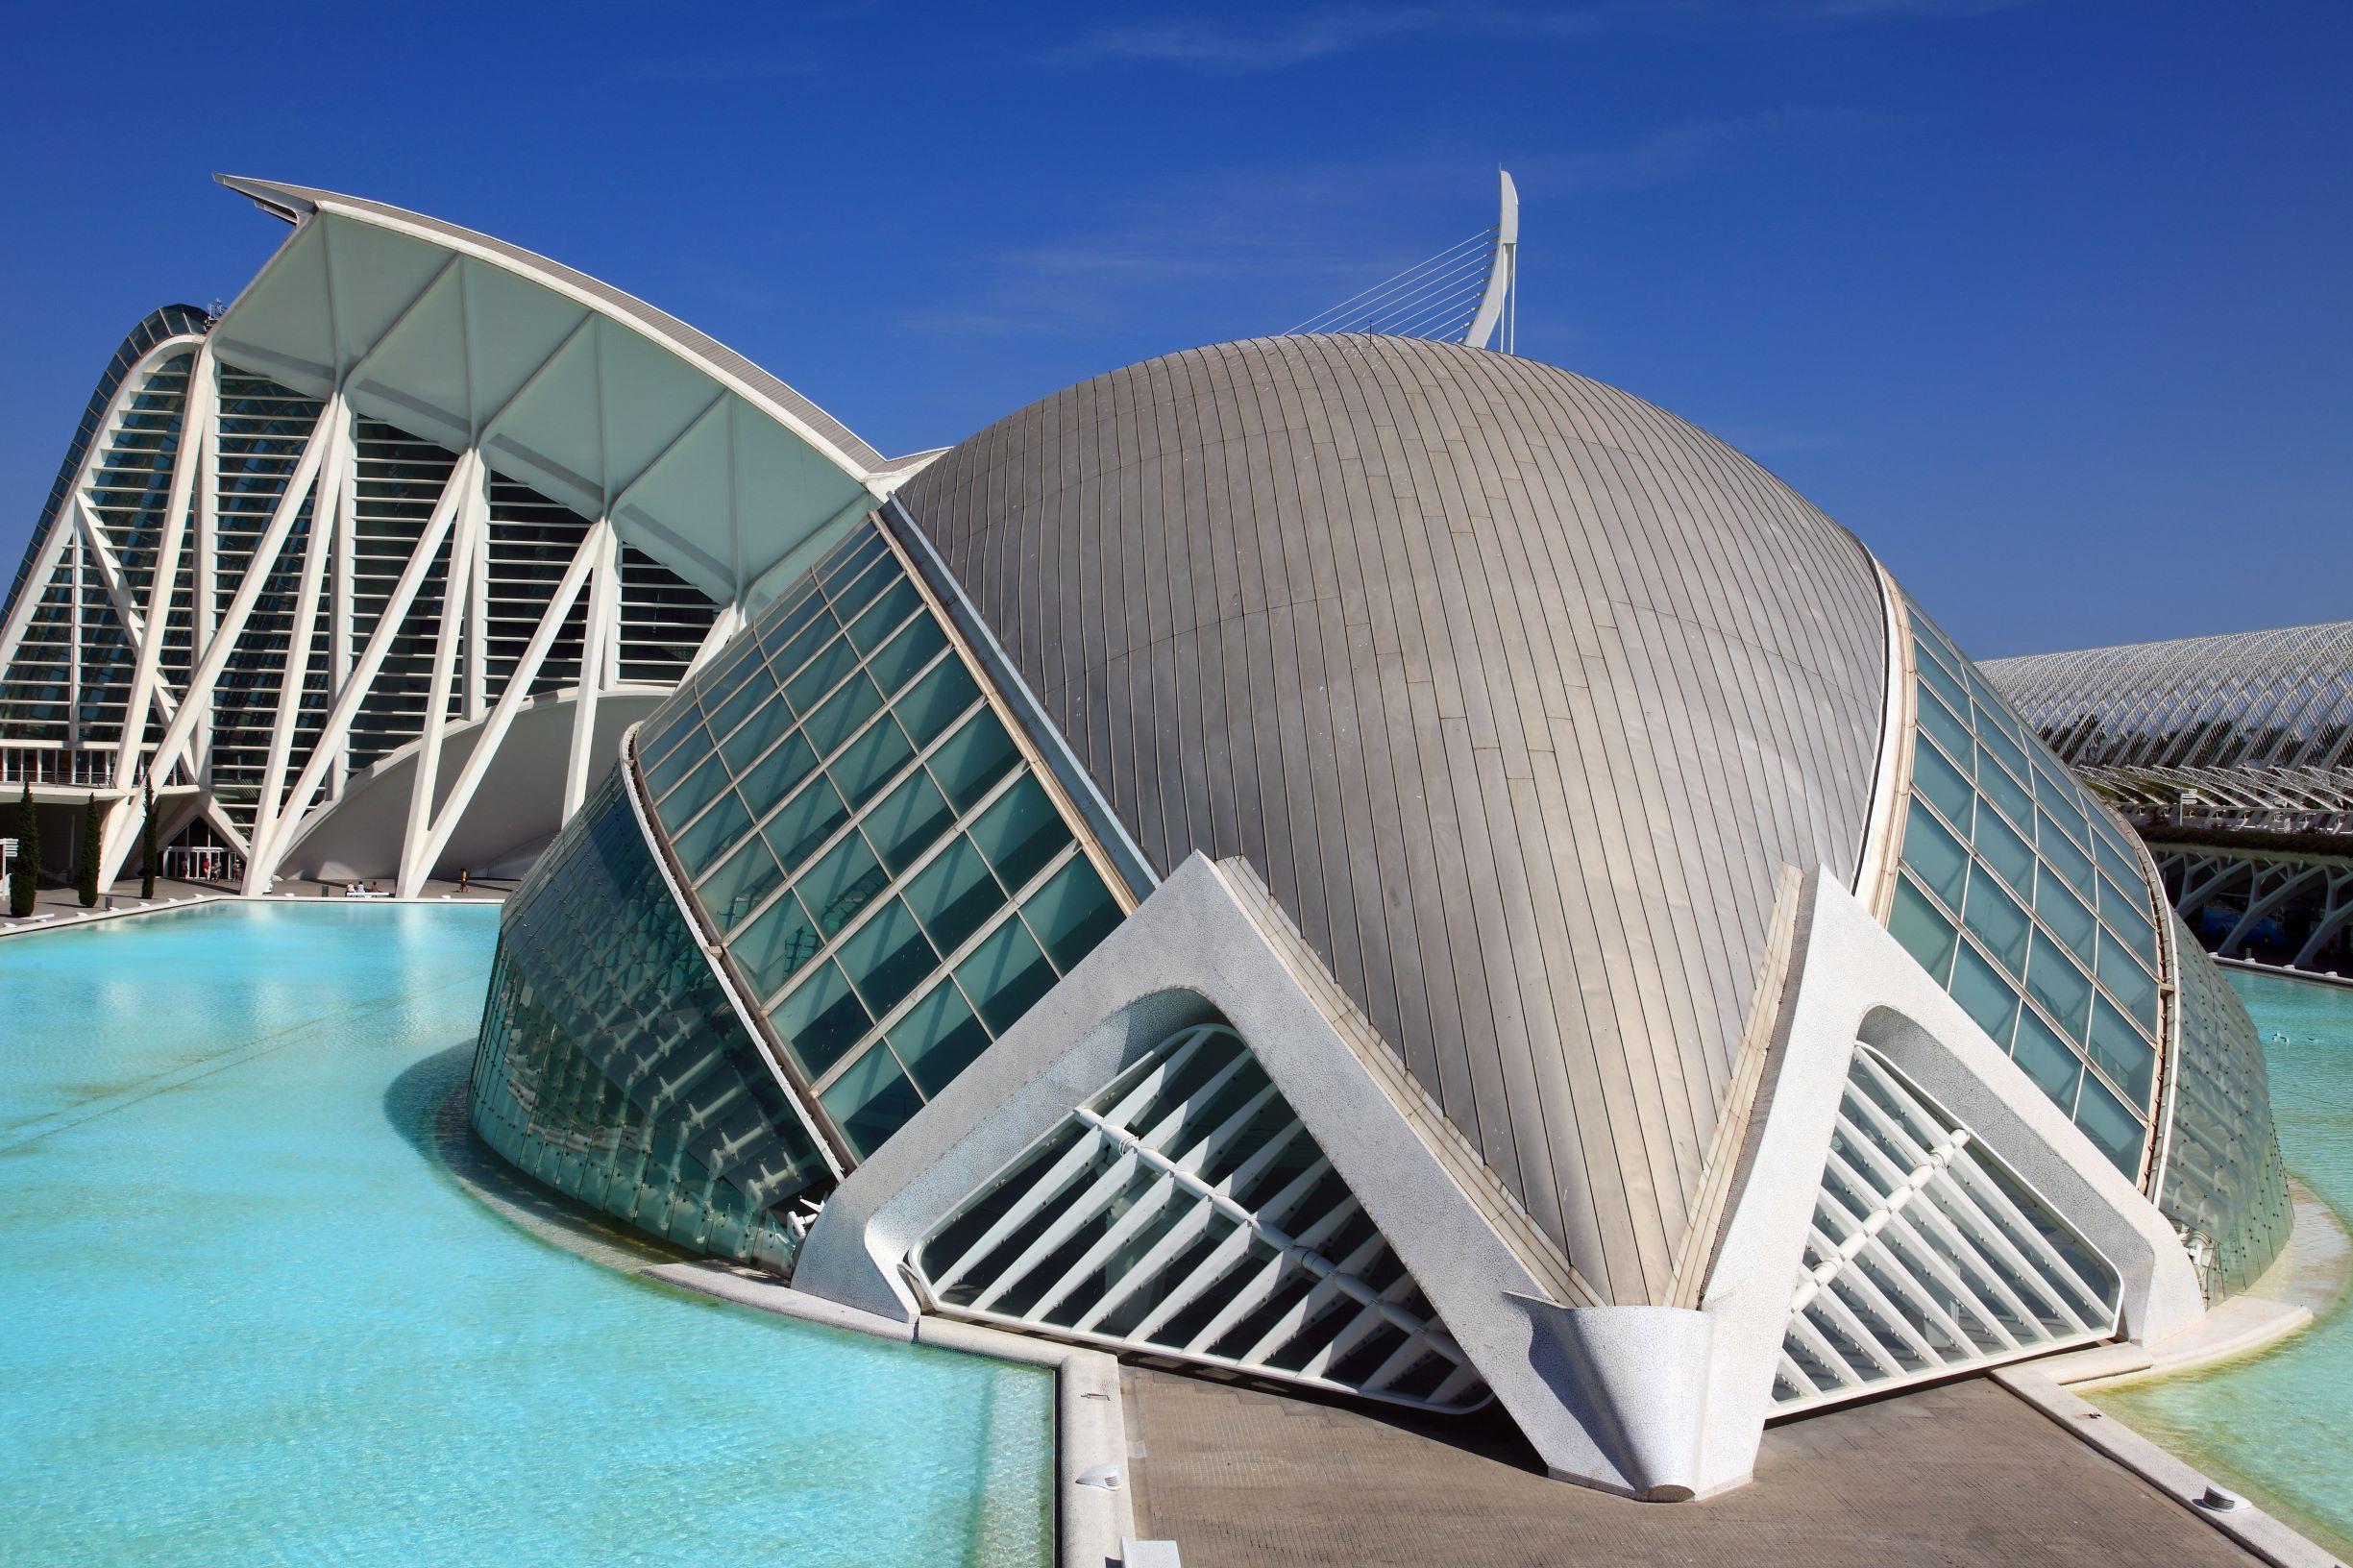 La Ciutat de les Arts i les Ciències reabre al público el próximo 1 de junio